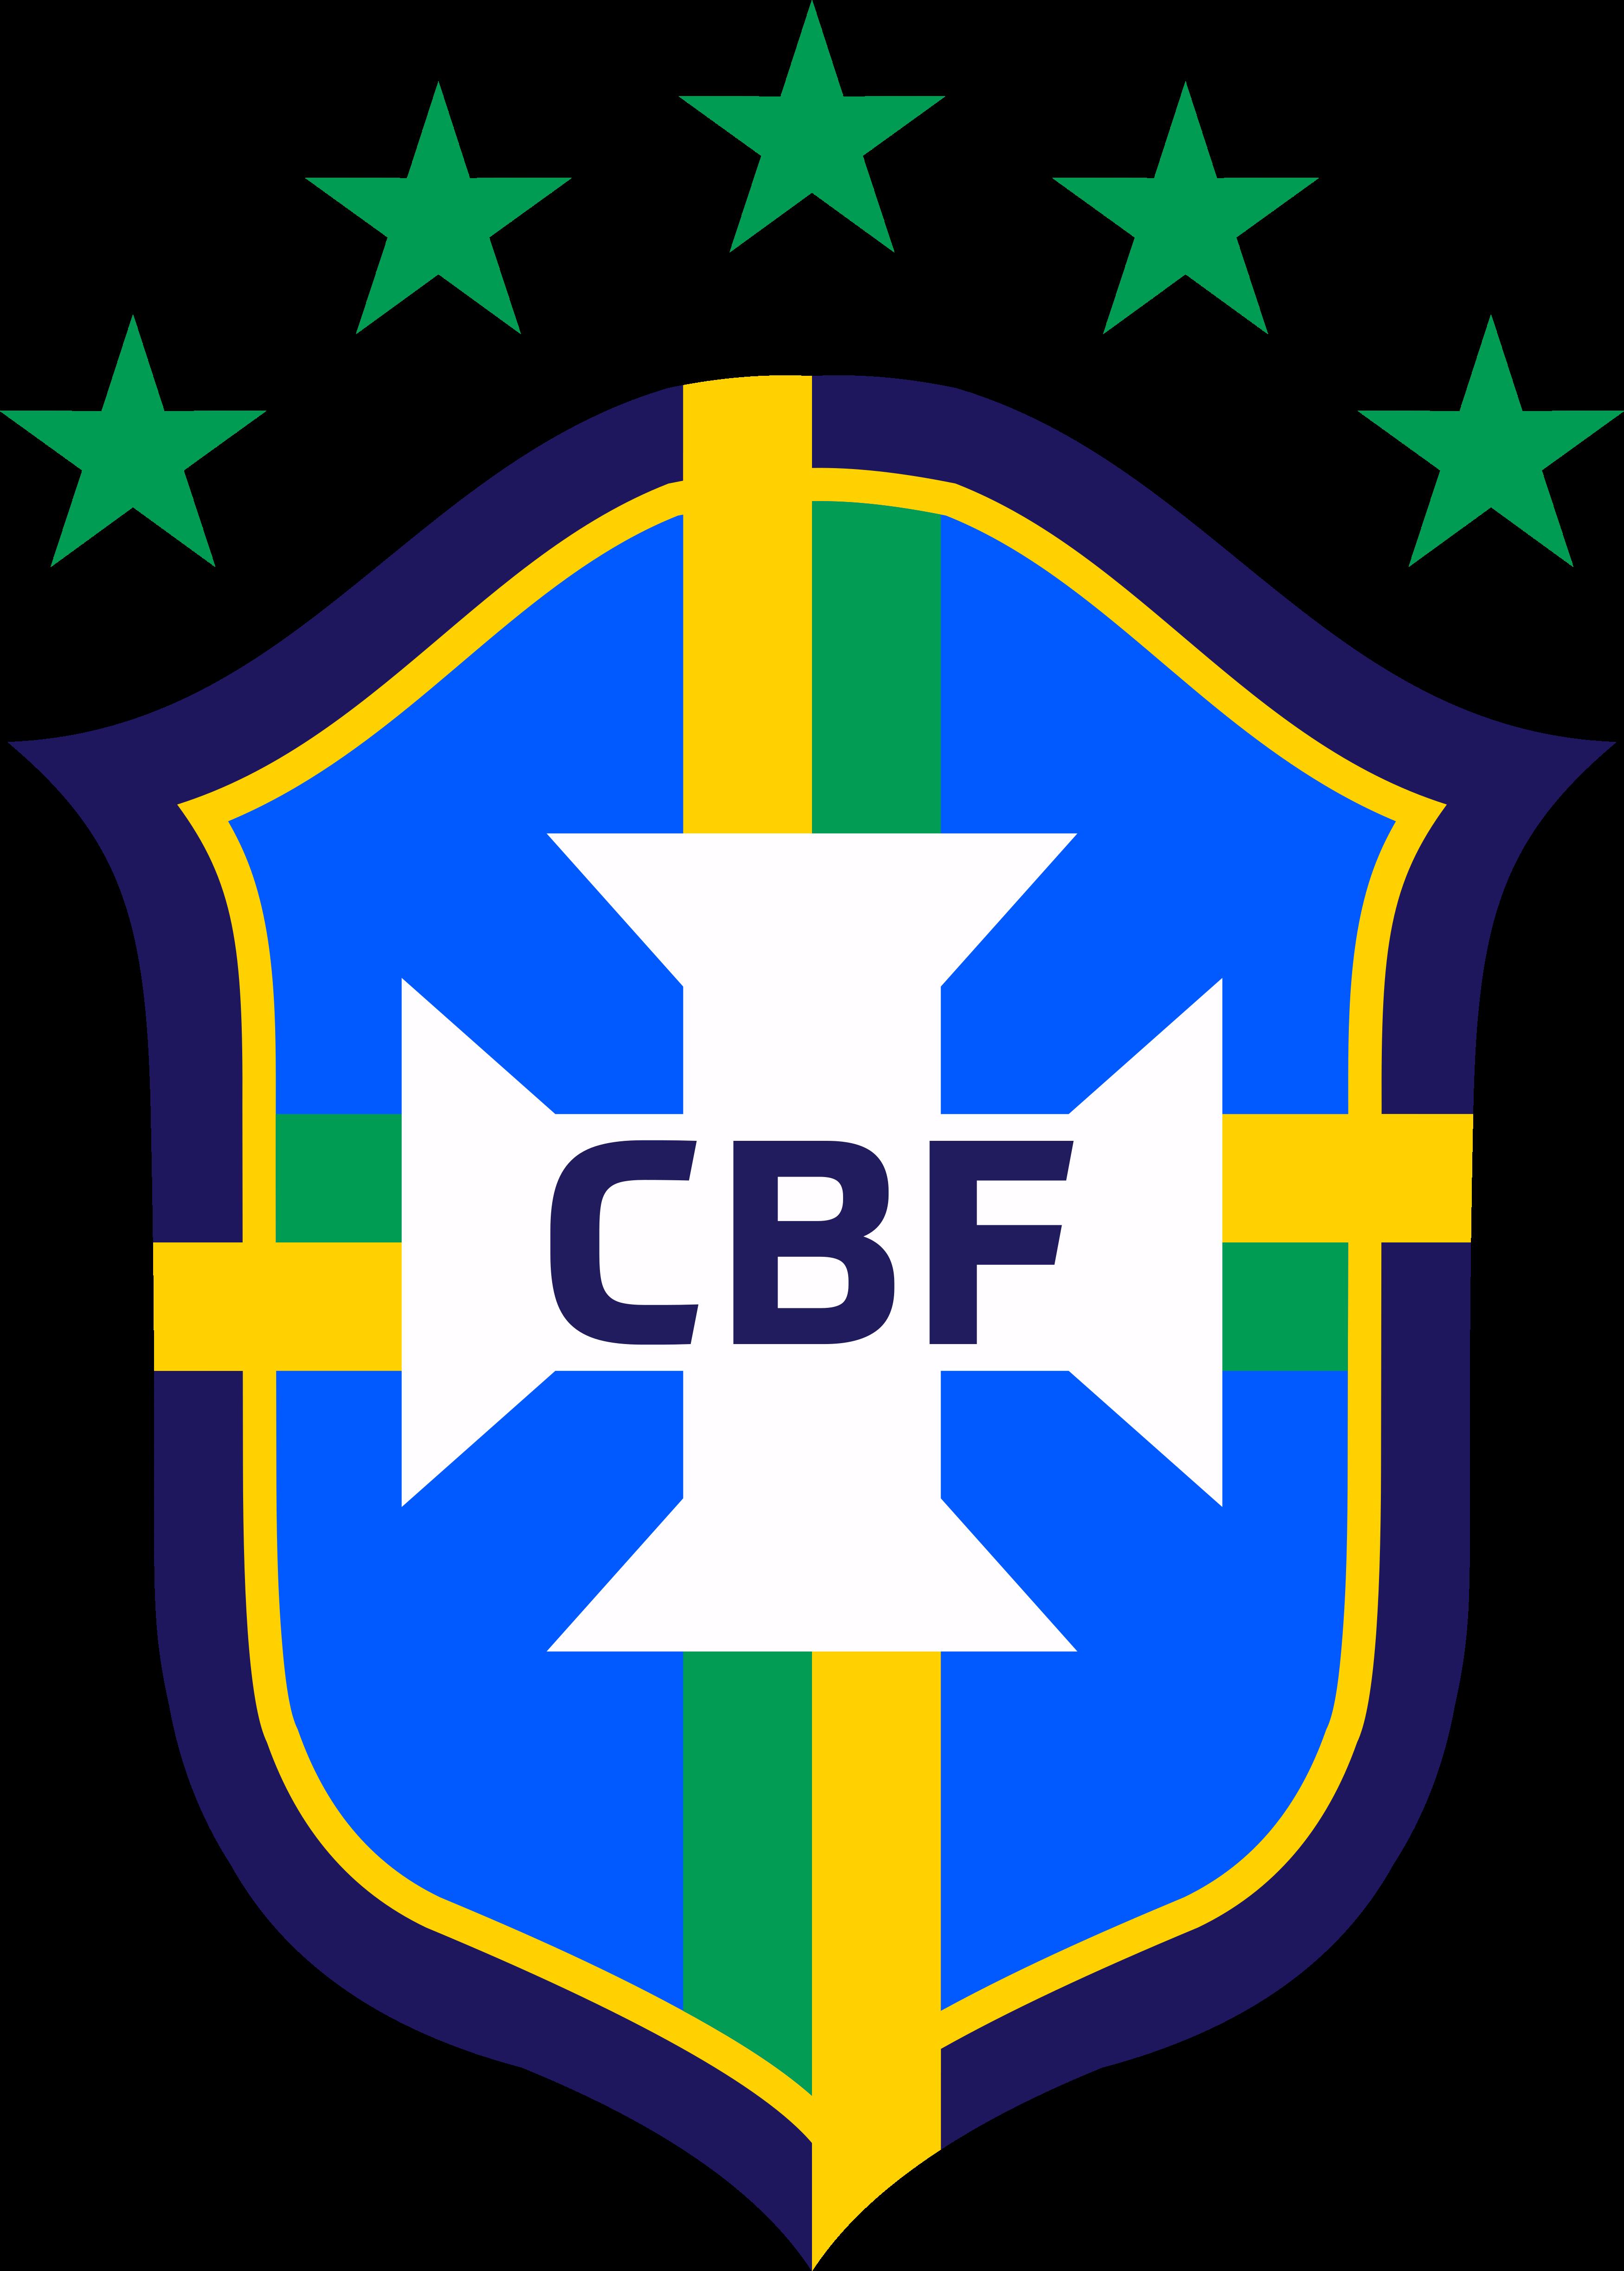 cbf logo selecao logo brasil - CBF Logo - Confederação Brasileira de Futebol Logo